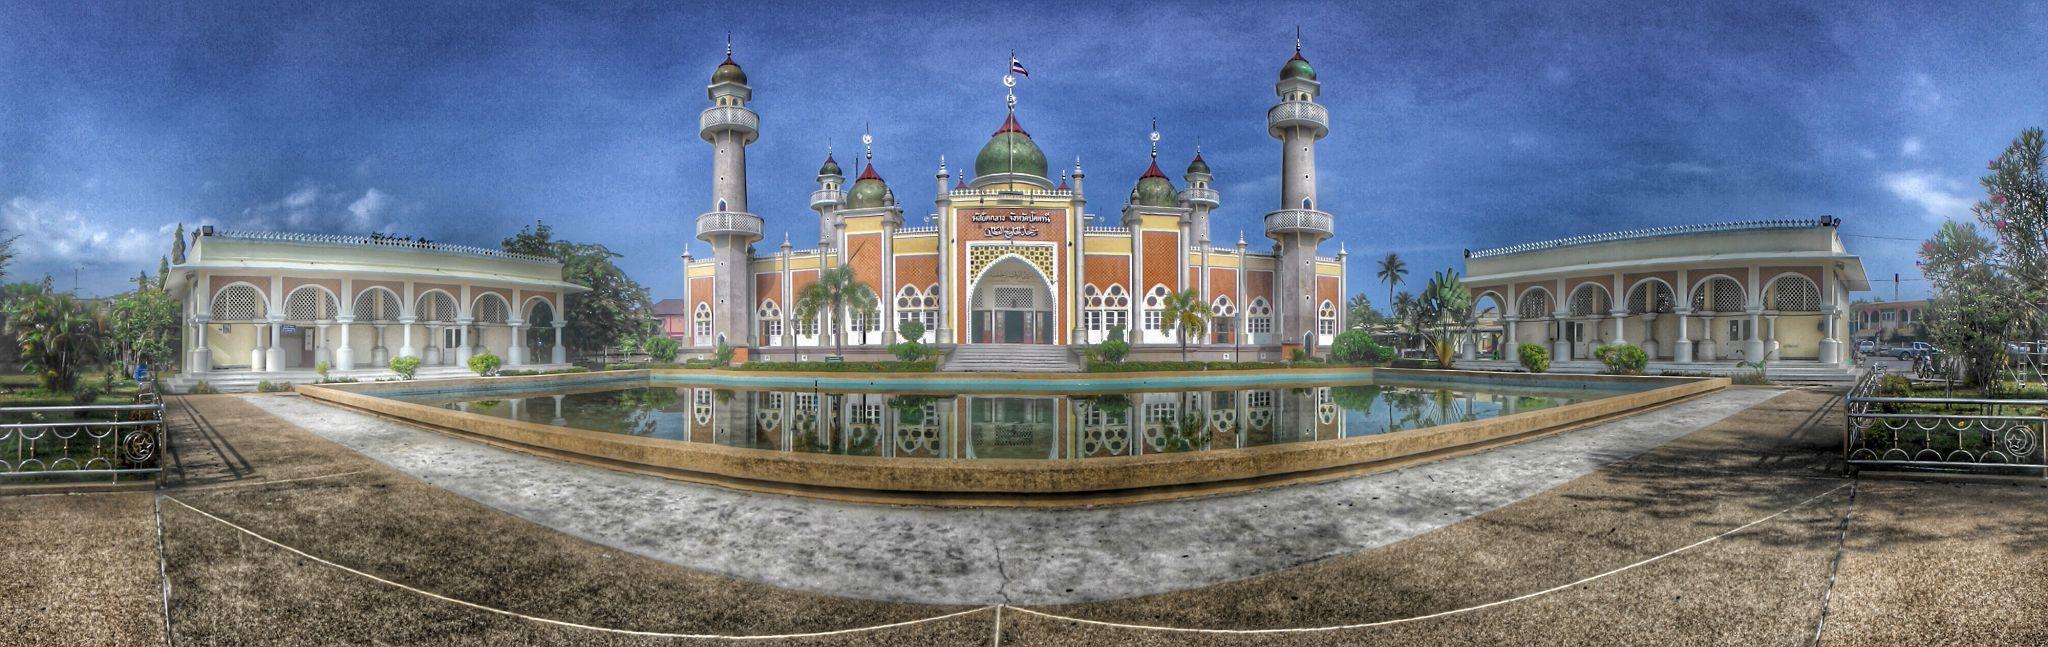 mosque pattani  by kajanan